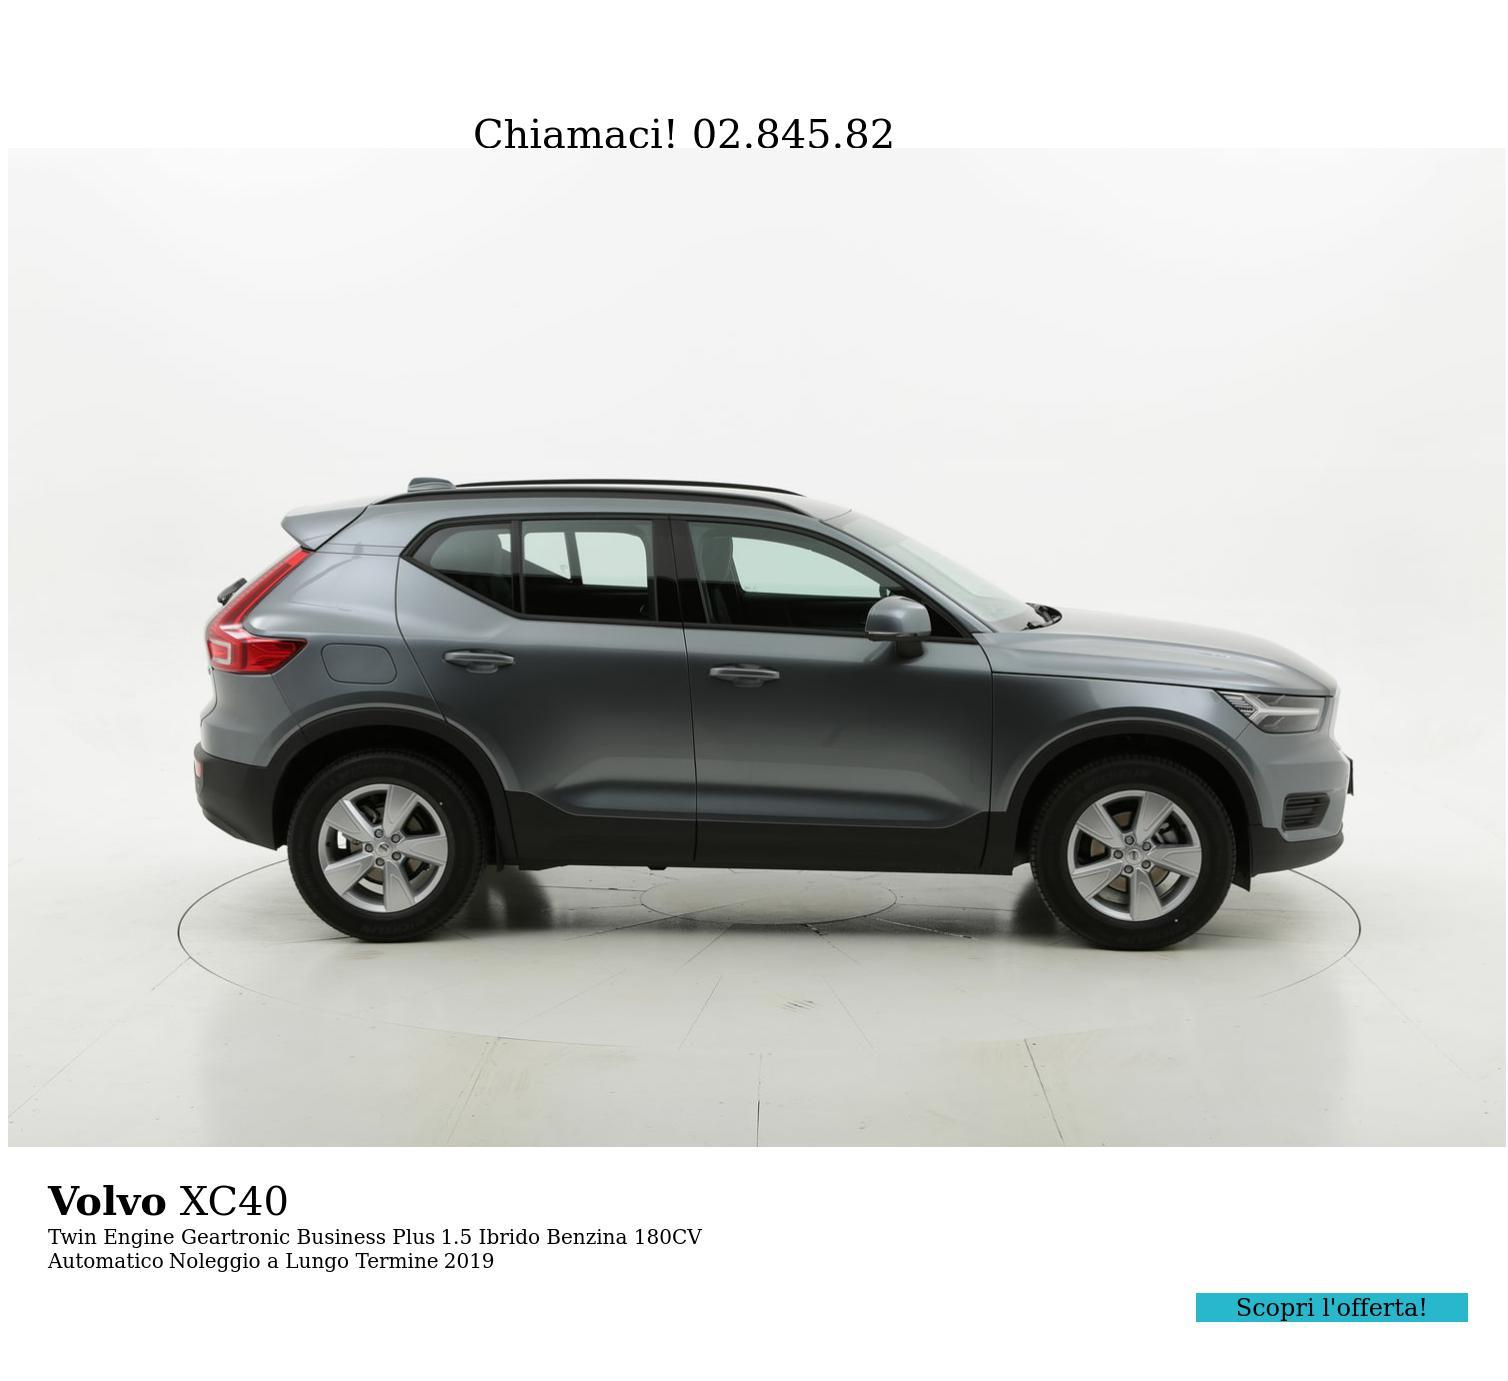 Volvo XC40 ibrido benzina antracite a noleggio a lungo termine | brumbrum